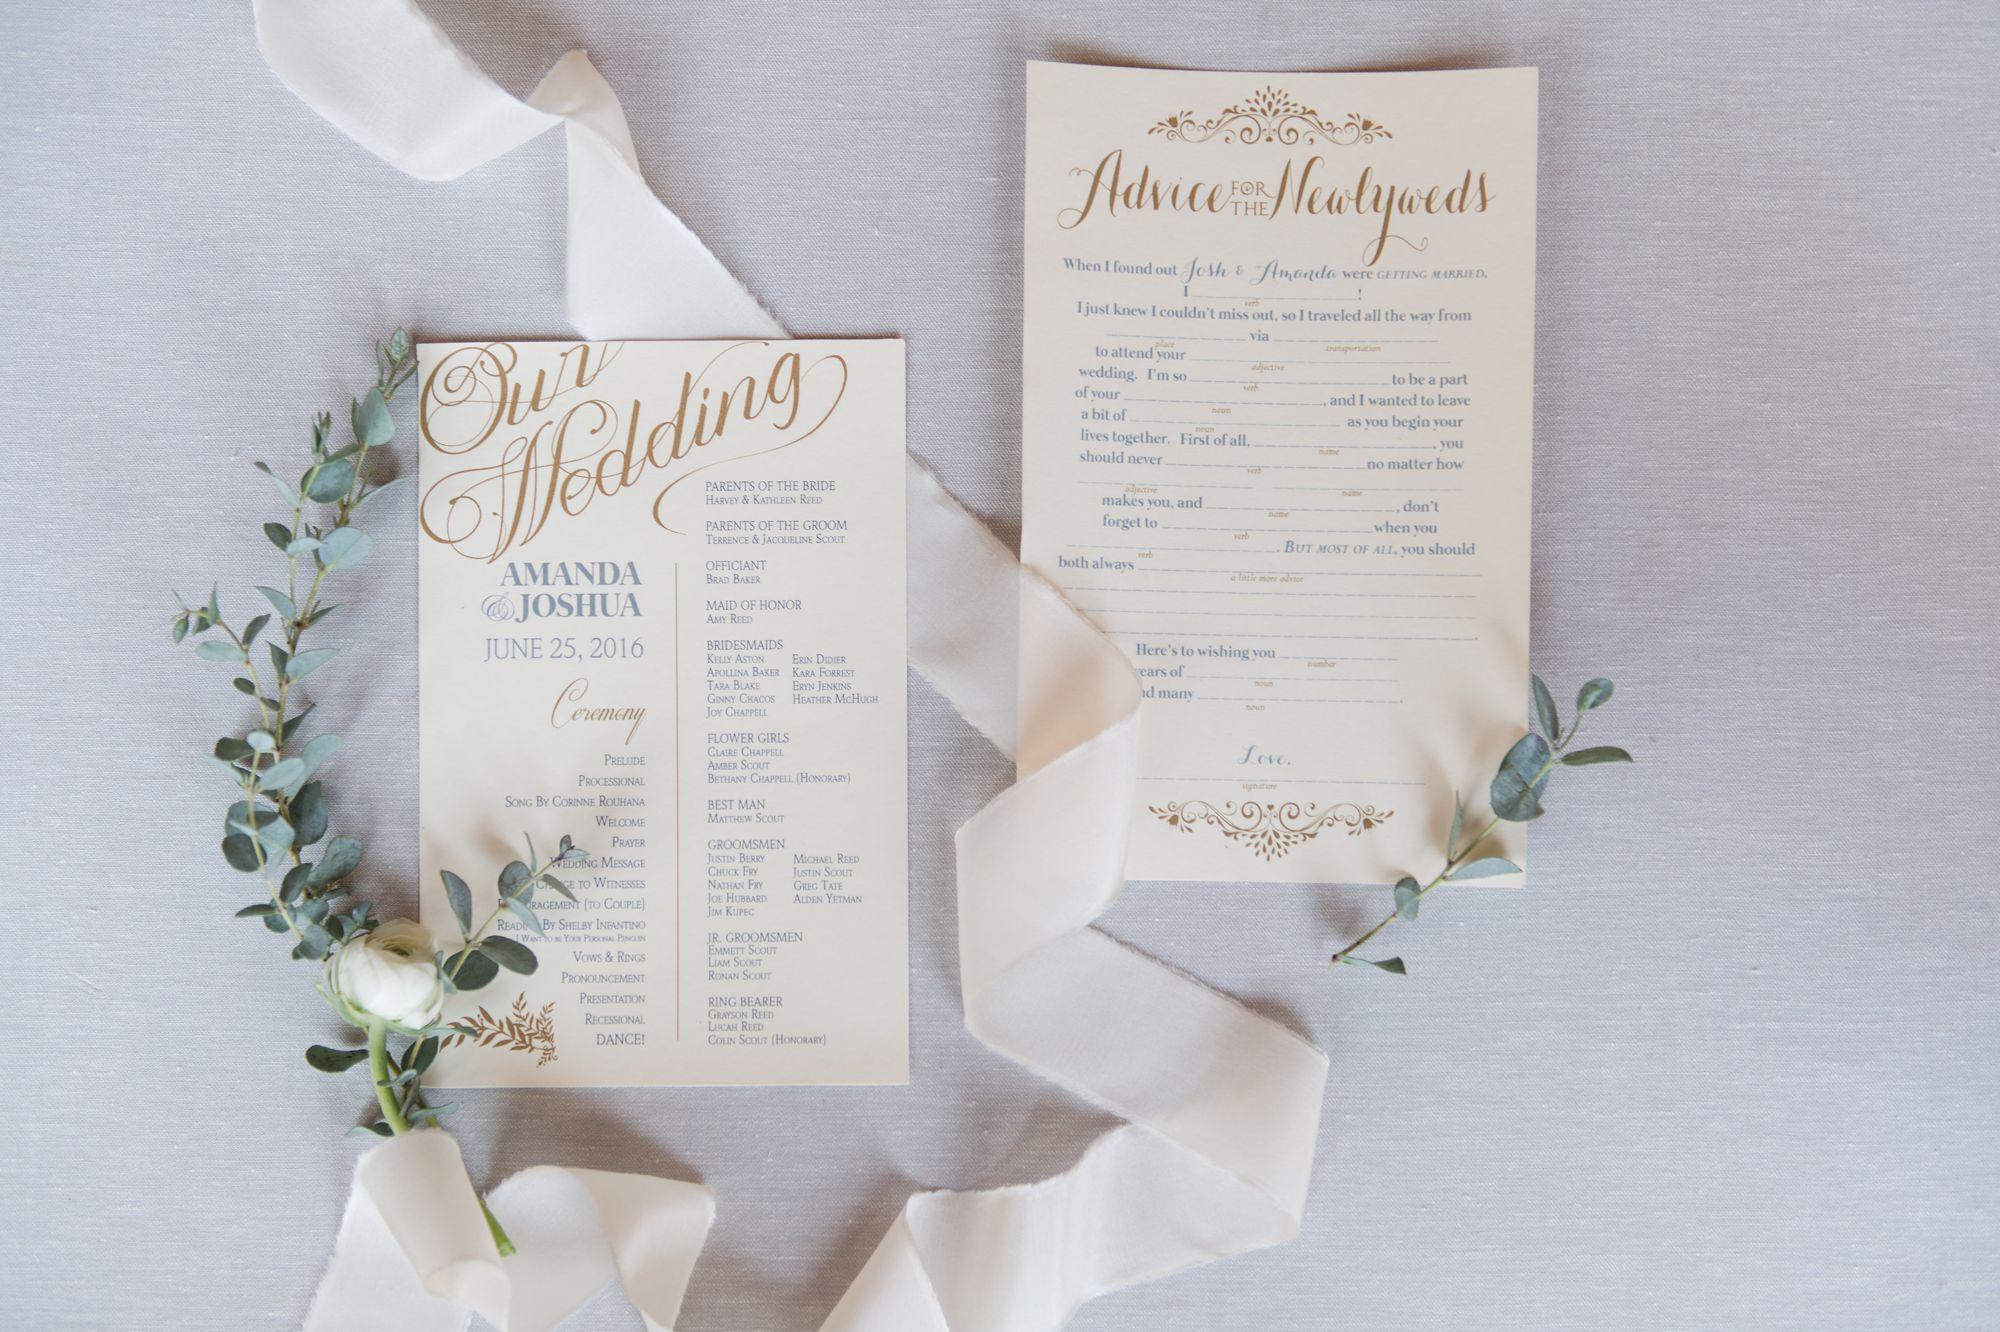 castle-ladyhawke-destination-wedding 15